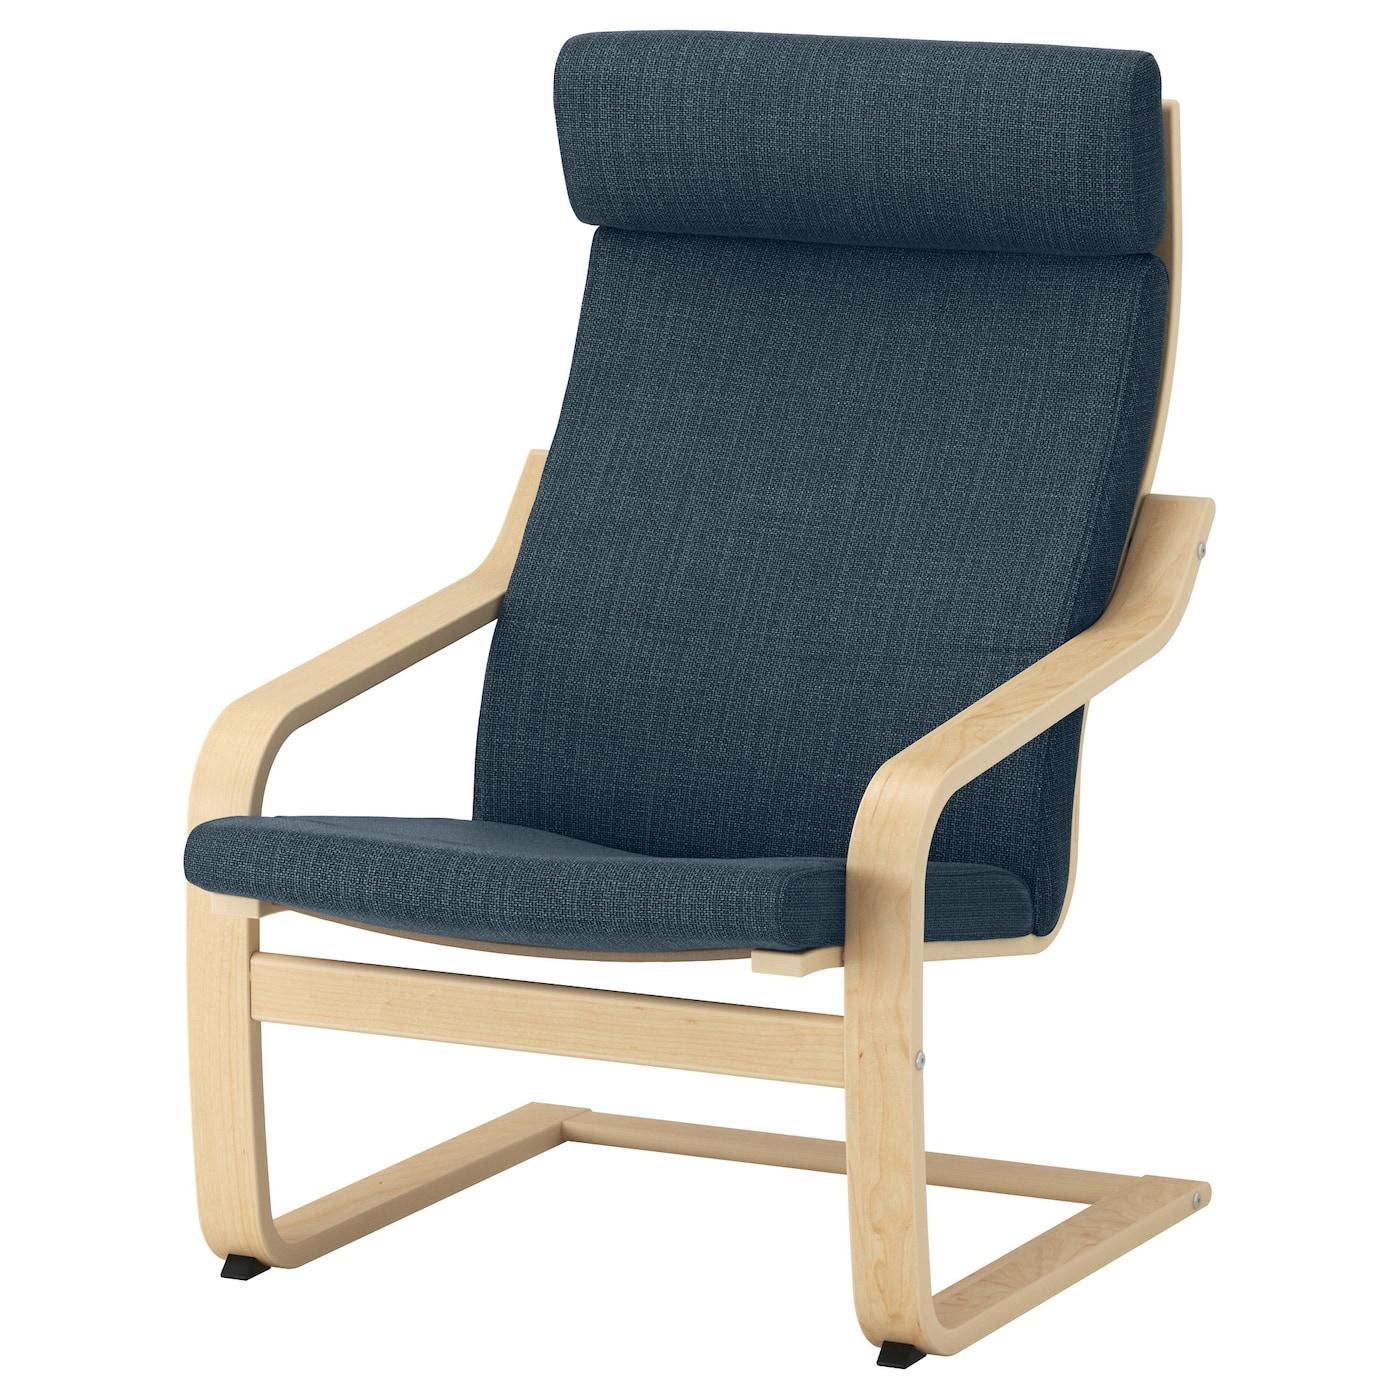 poÄng fauteuil plaqué bouleau/hillared bleu foncé - ikea